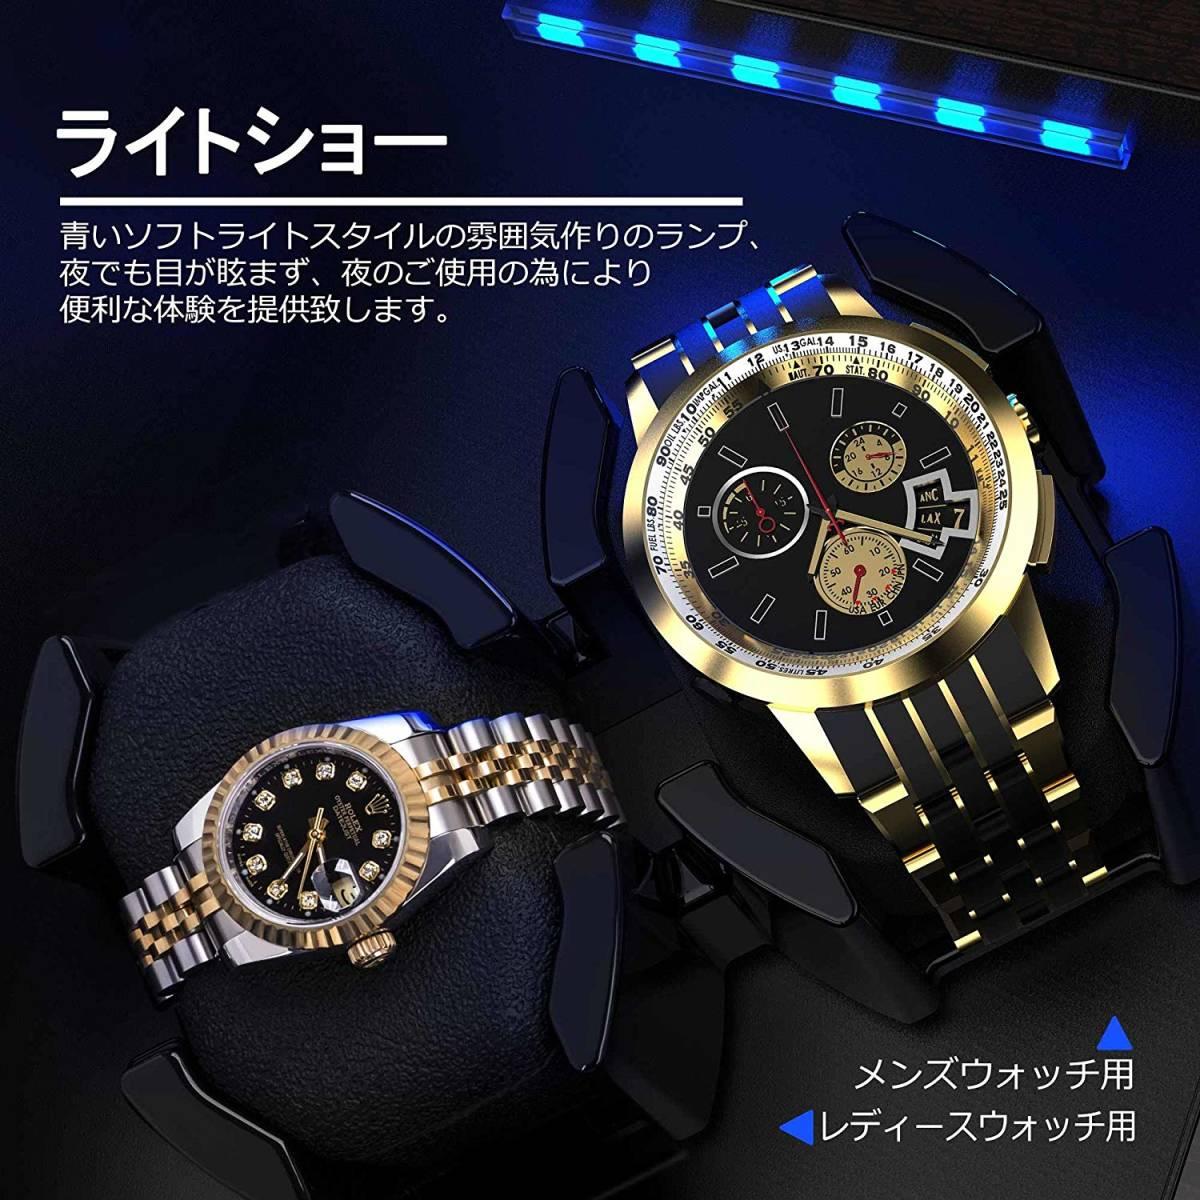 【新品・未使用】ワインディングマシーン 腕時計 自動巻き器 ウォッチワインダー2本巻き上げ LEDライト付 日本語説明書_画像5